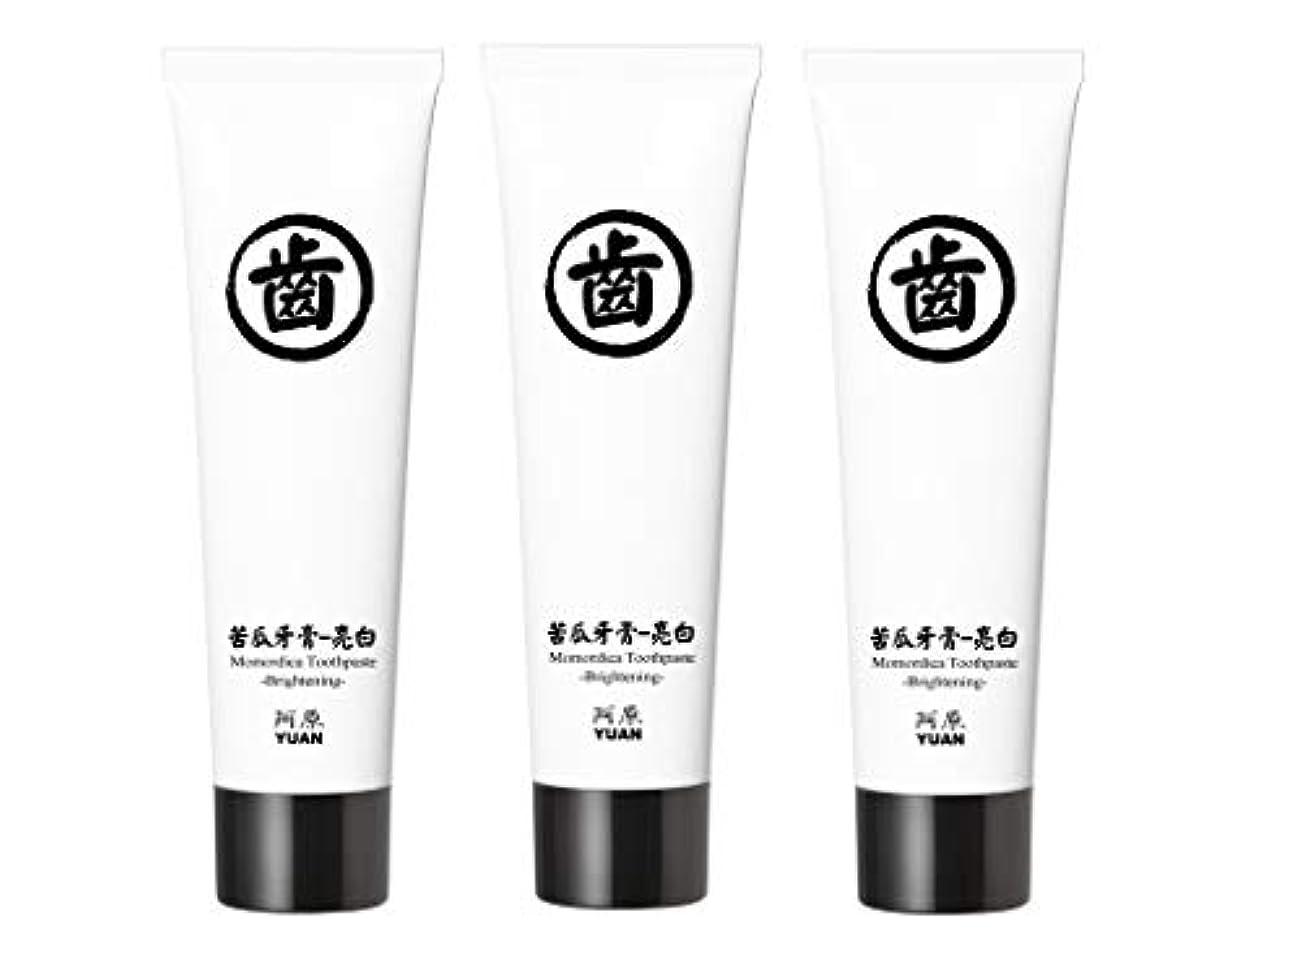 申込み設置画面ユアン(YUAN) にがうり歯みがきペーストホワイトニング 75g (阿原 ユアン 歯磨き粉) ×3